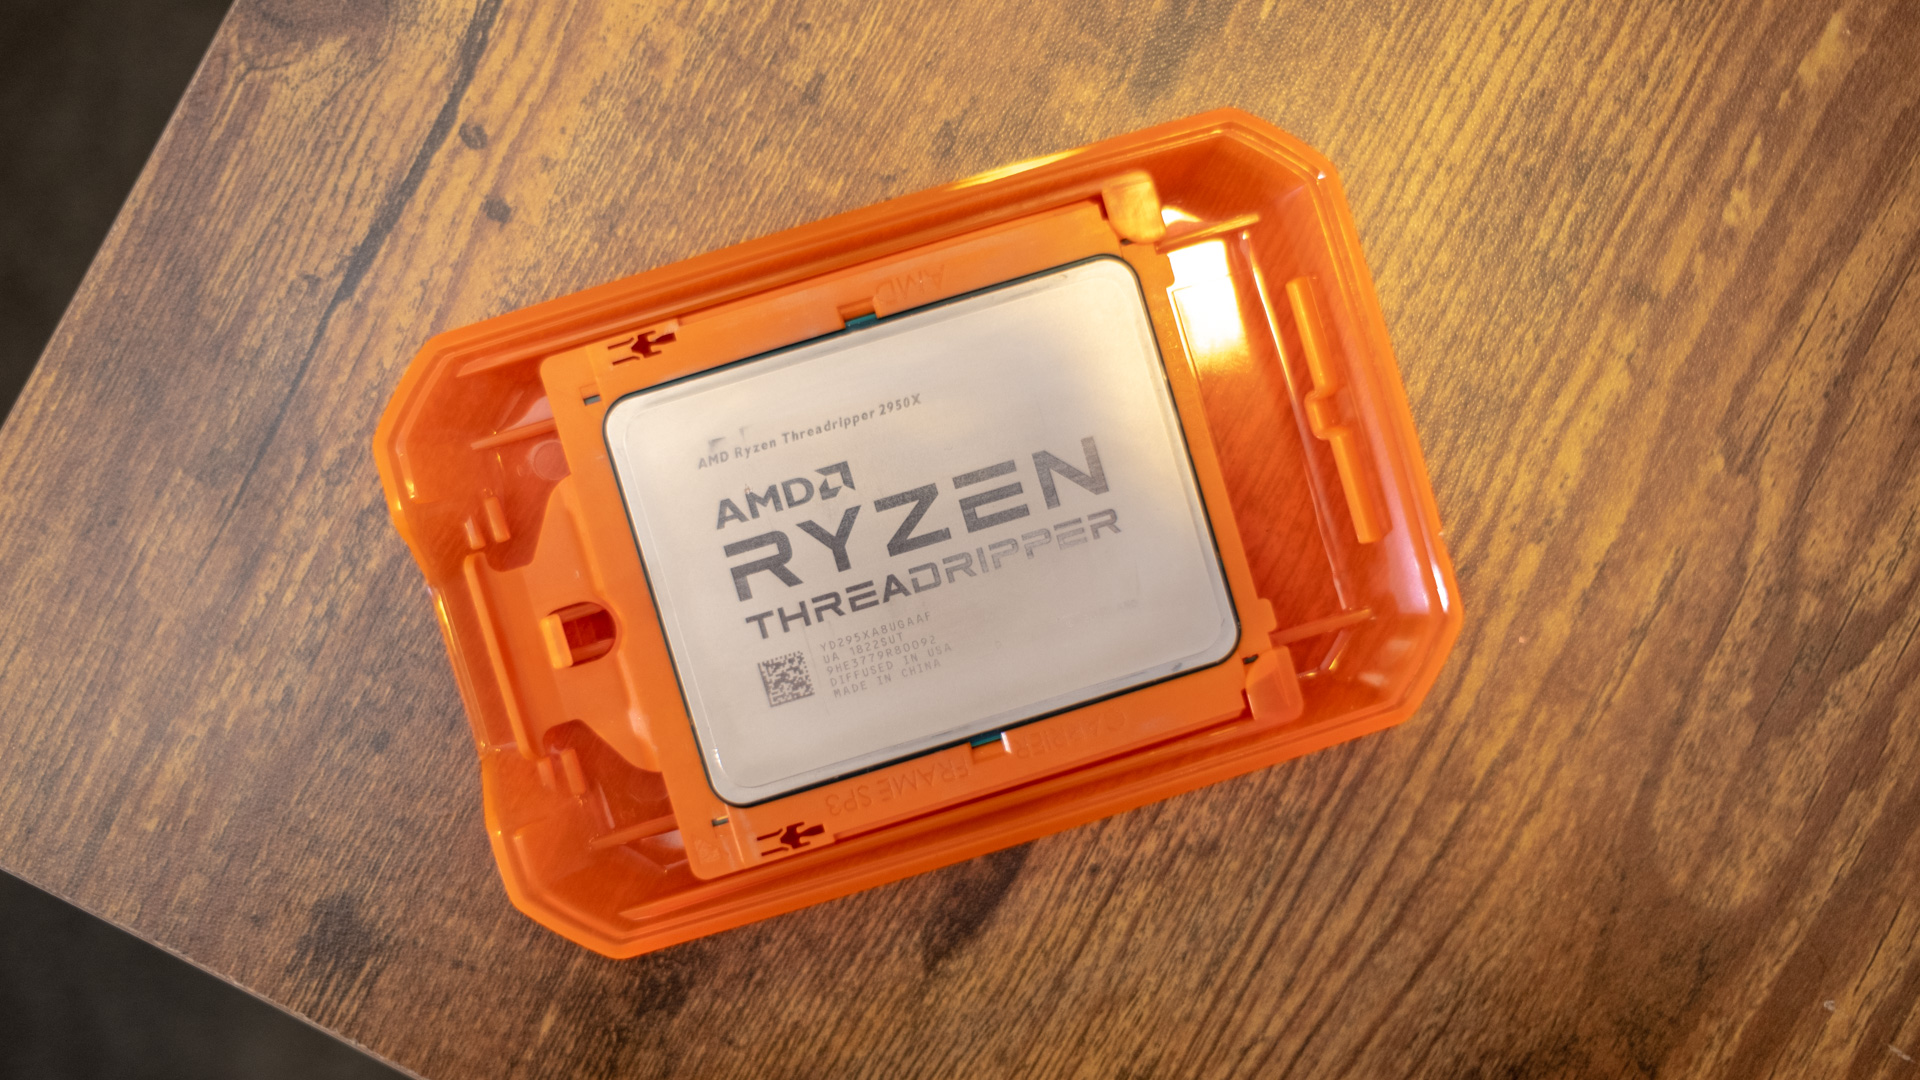 AMD Ryzen Threadripper 2950X review | TechRadar